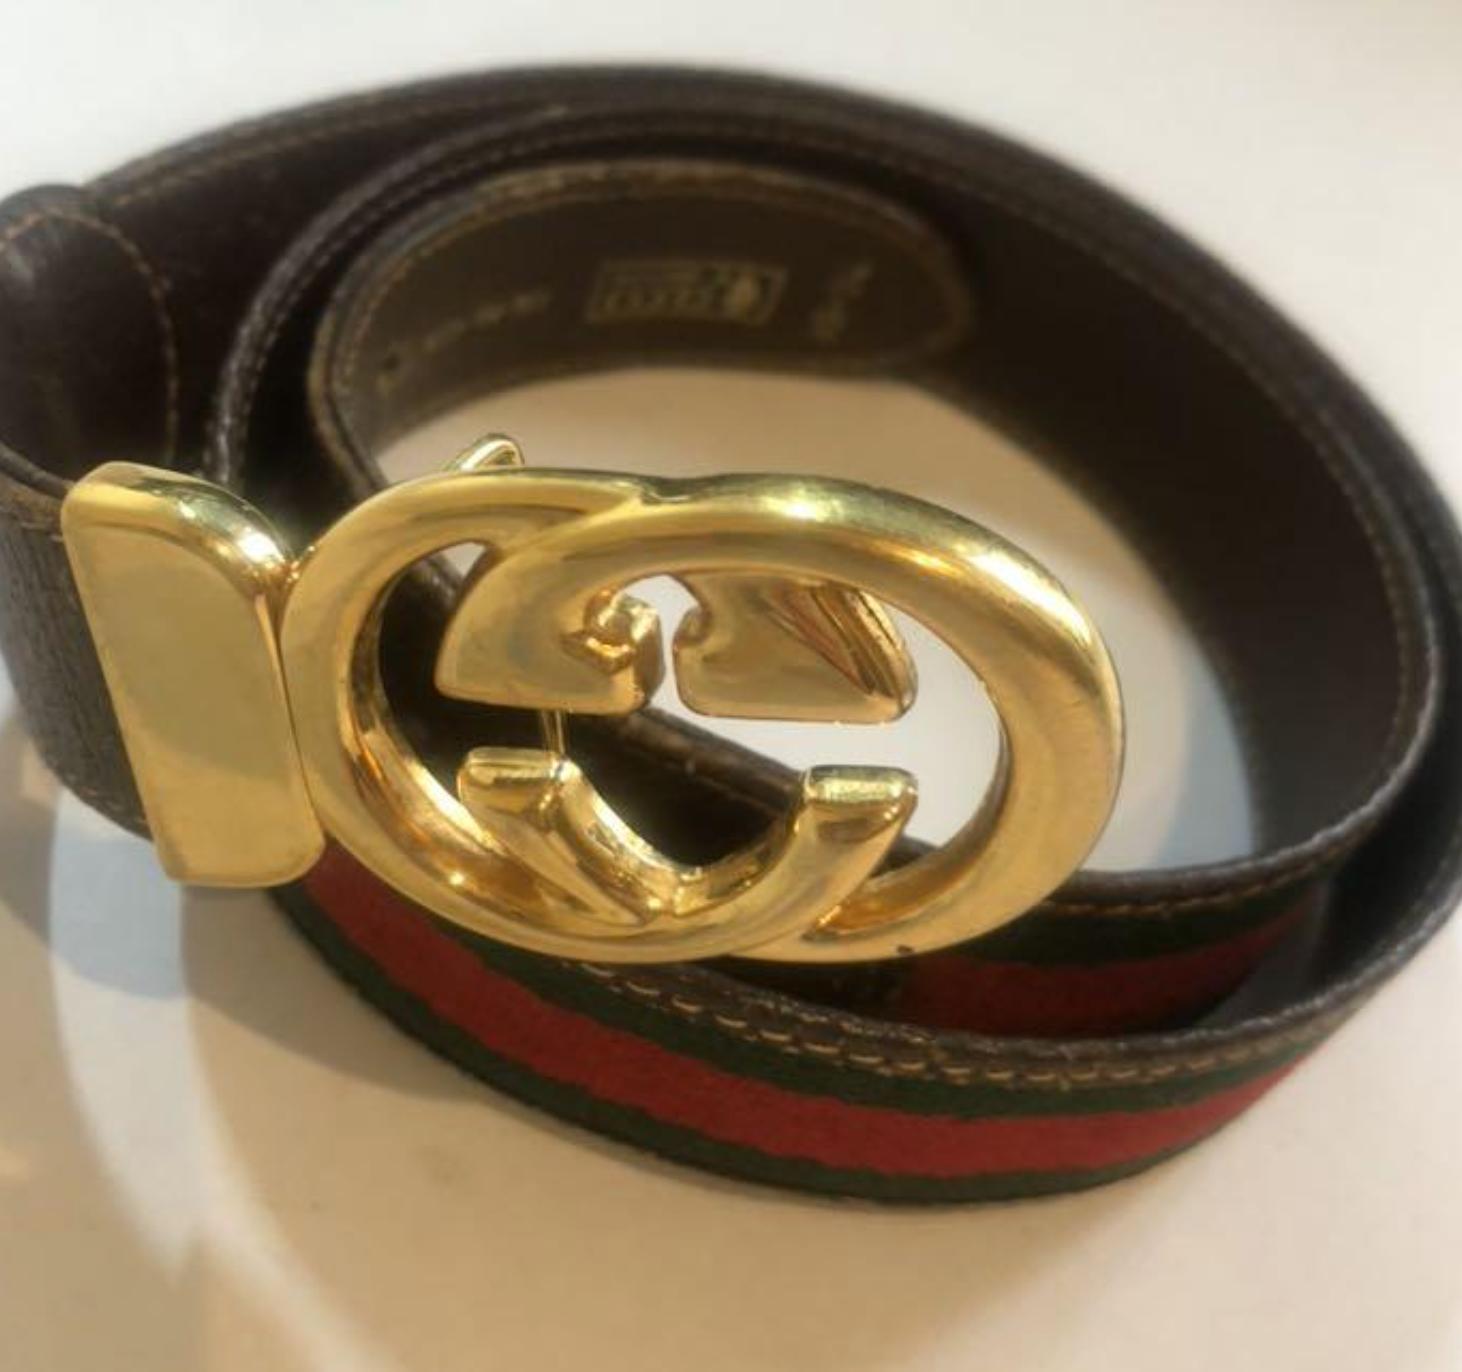 Authentique vieux gucci vintage toile gg emboîtement ceinture cuir 85/34 rare f